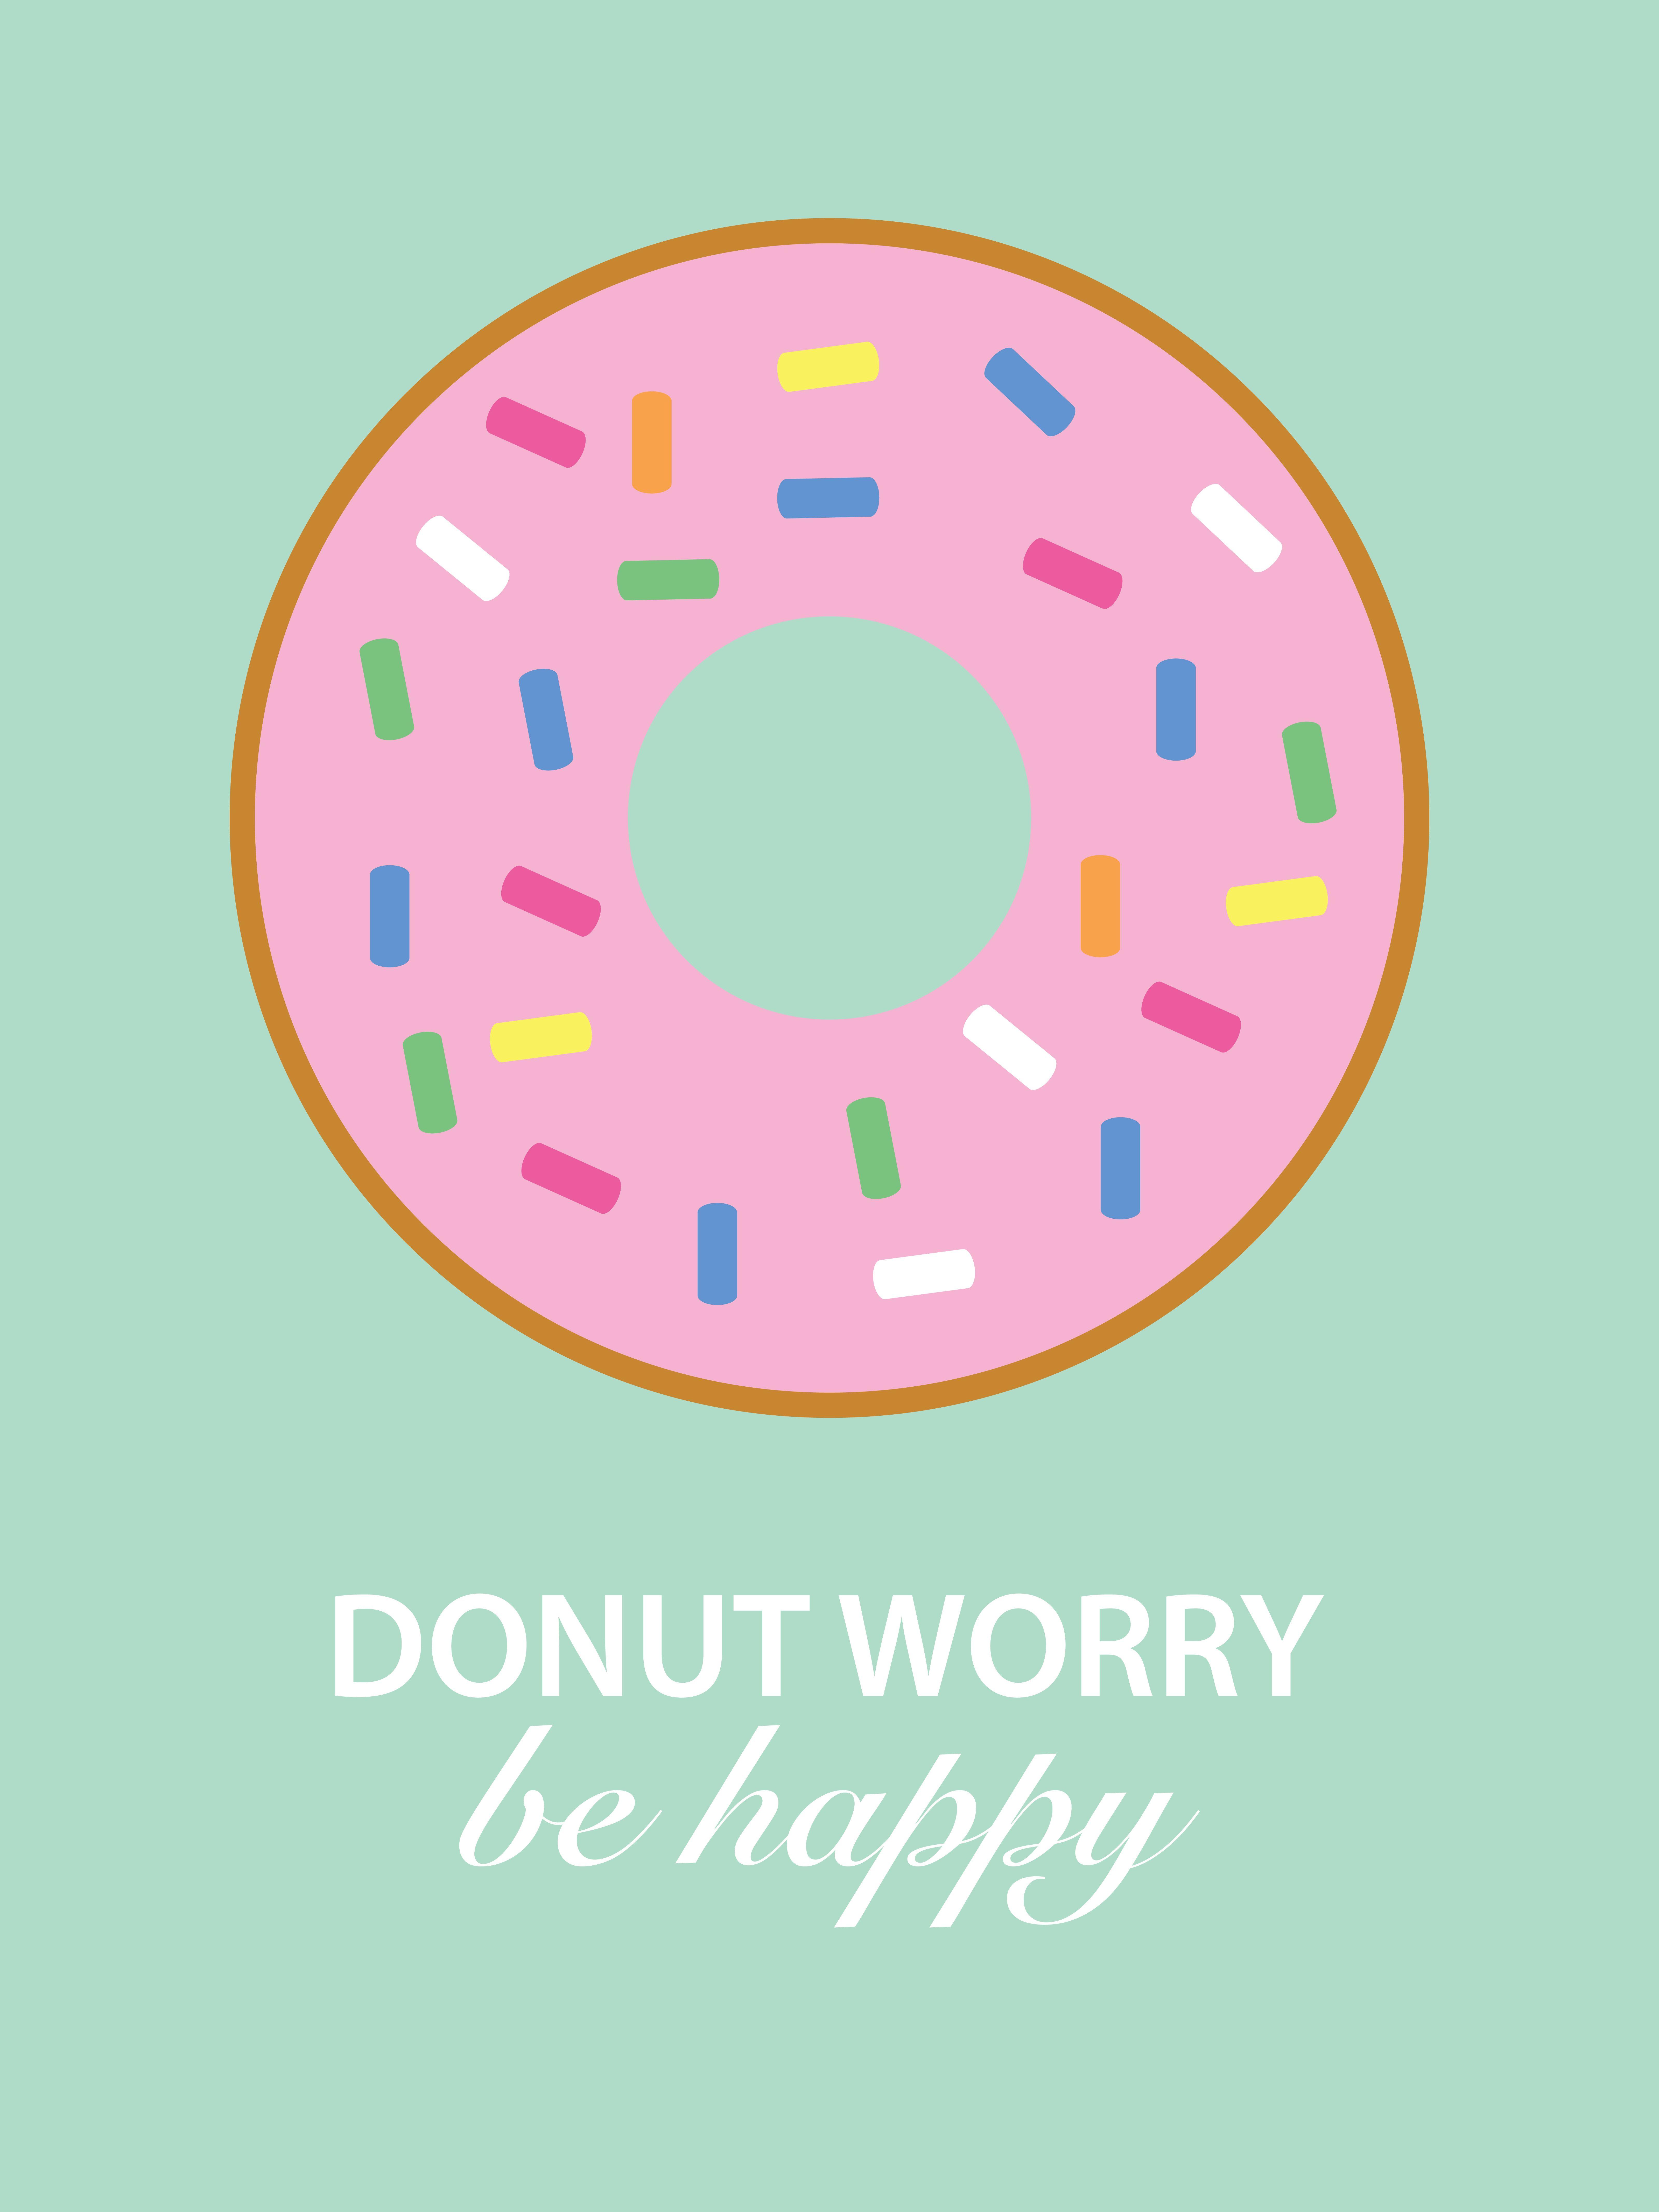 donutwallpaperipadblue1.jpg 6,400×8,533 pixels Donuts